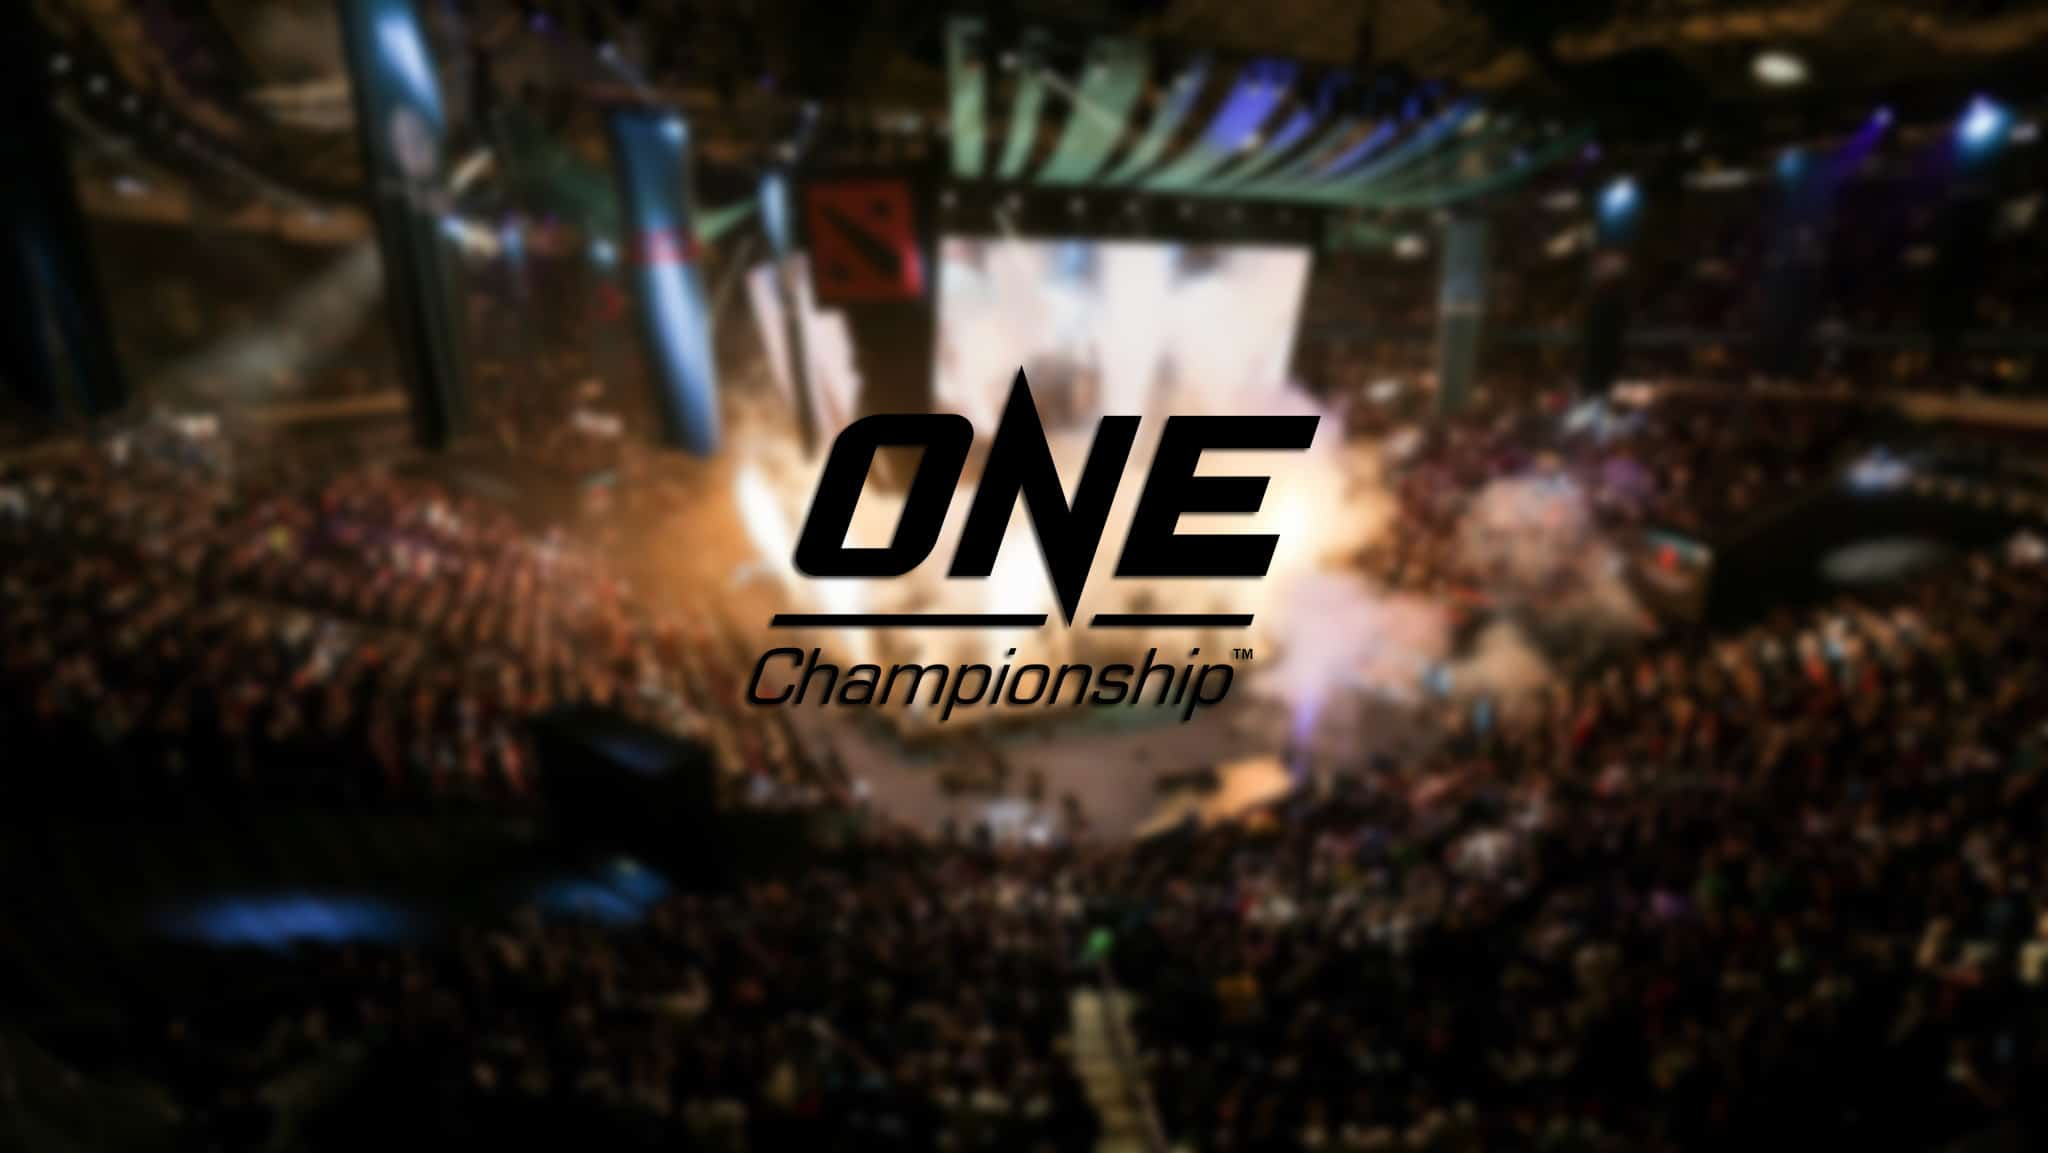 أضخم بطولات رياضة الكترونية آسيا ون one esports announces one championship biggest asia